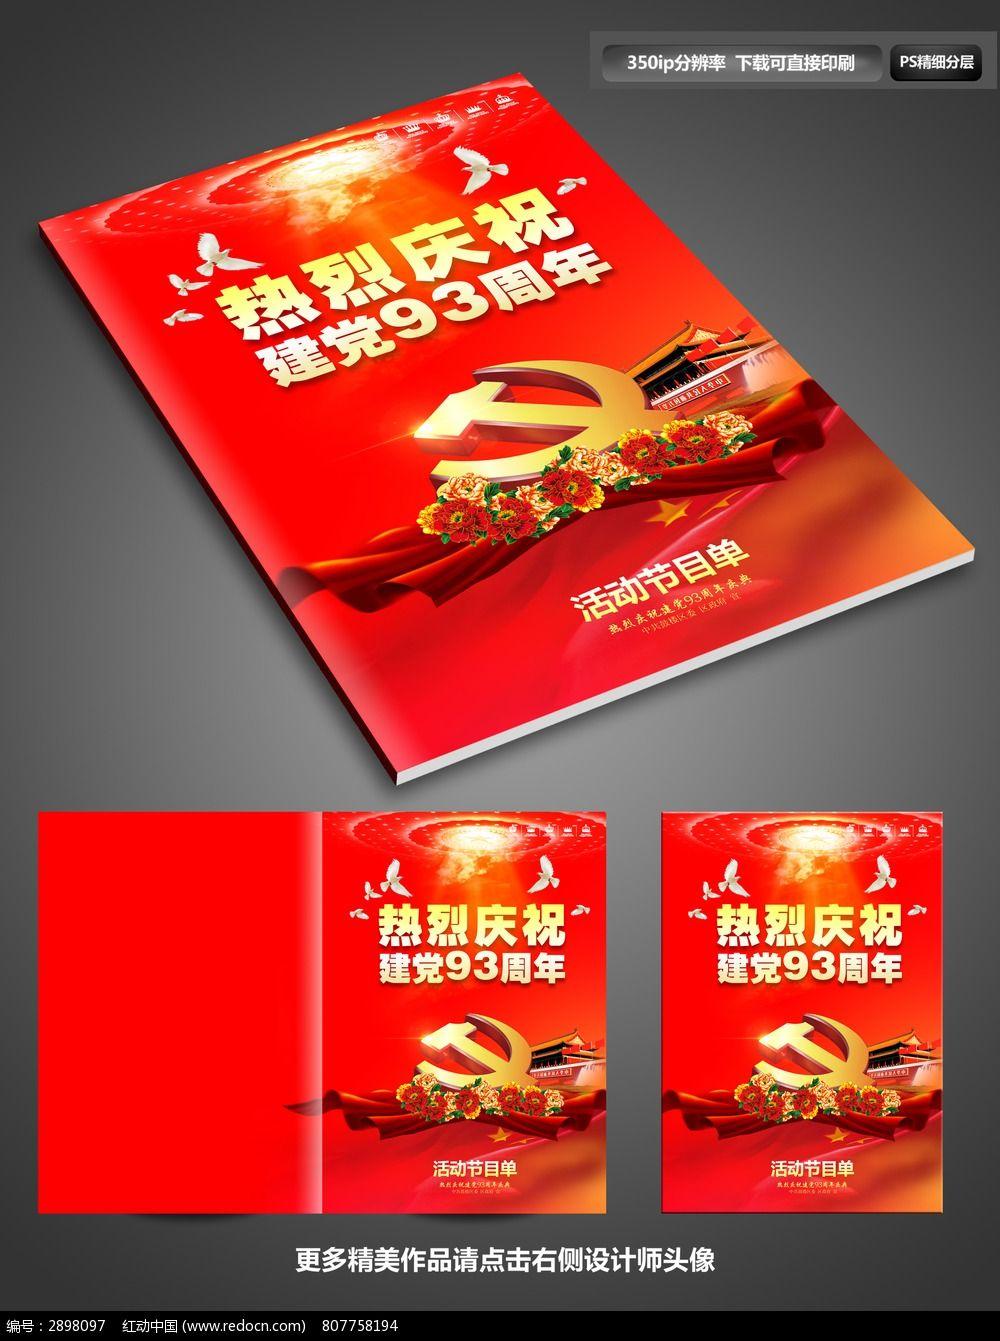 红色建党93周年画册封面设计图片